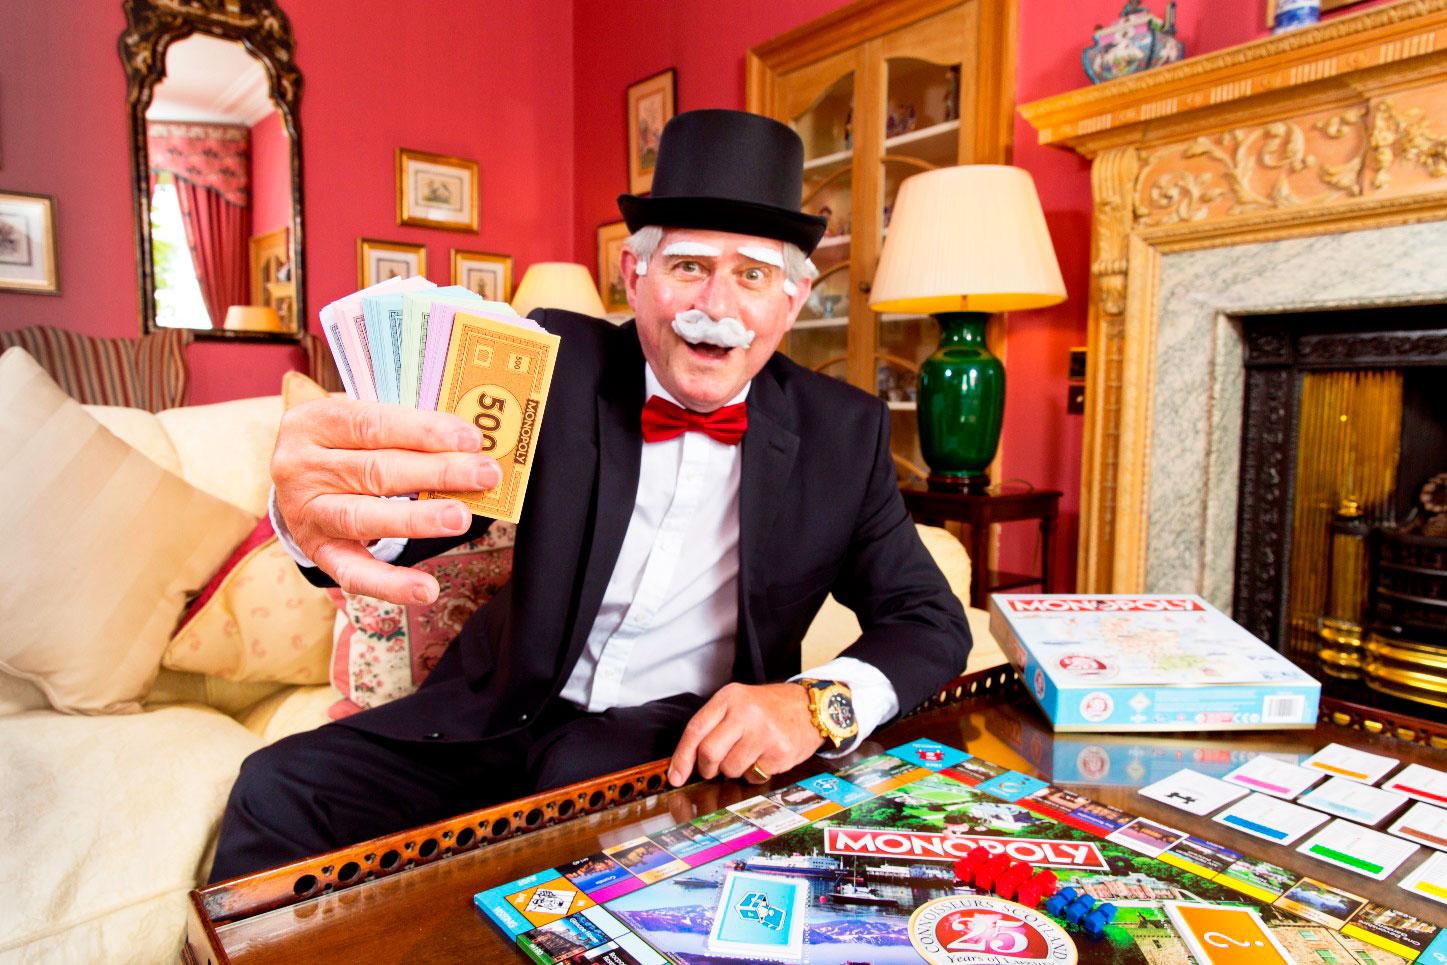 Luxury-Scotland-Monopoly-2